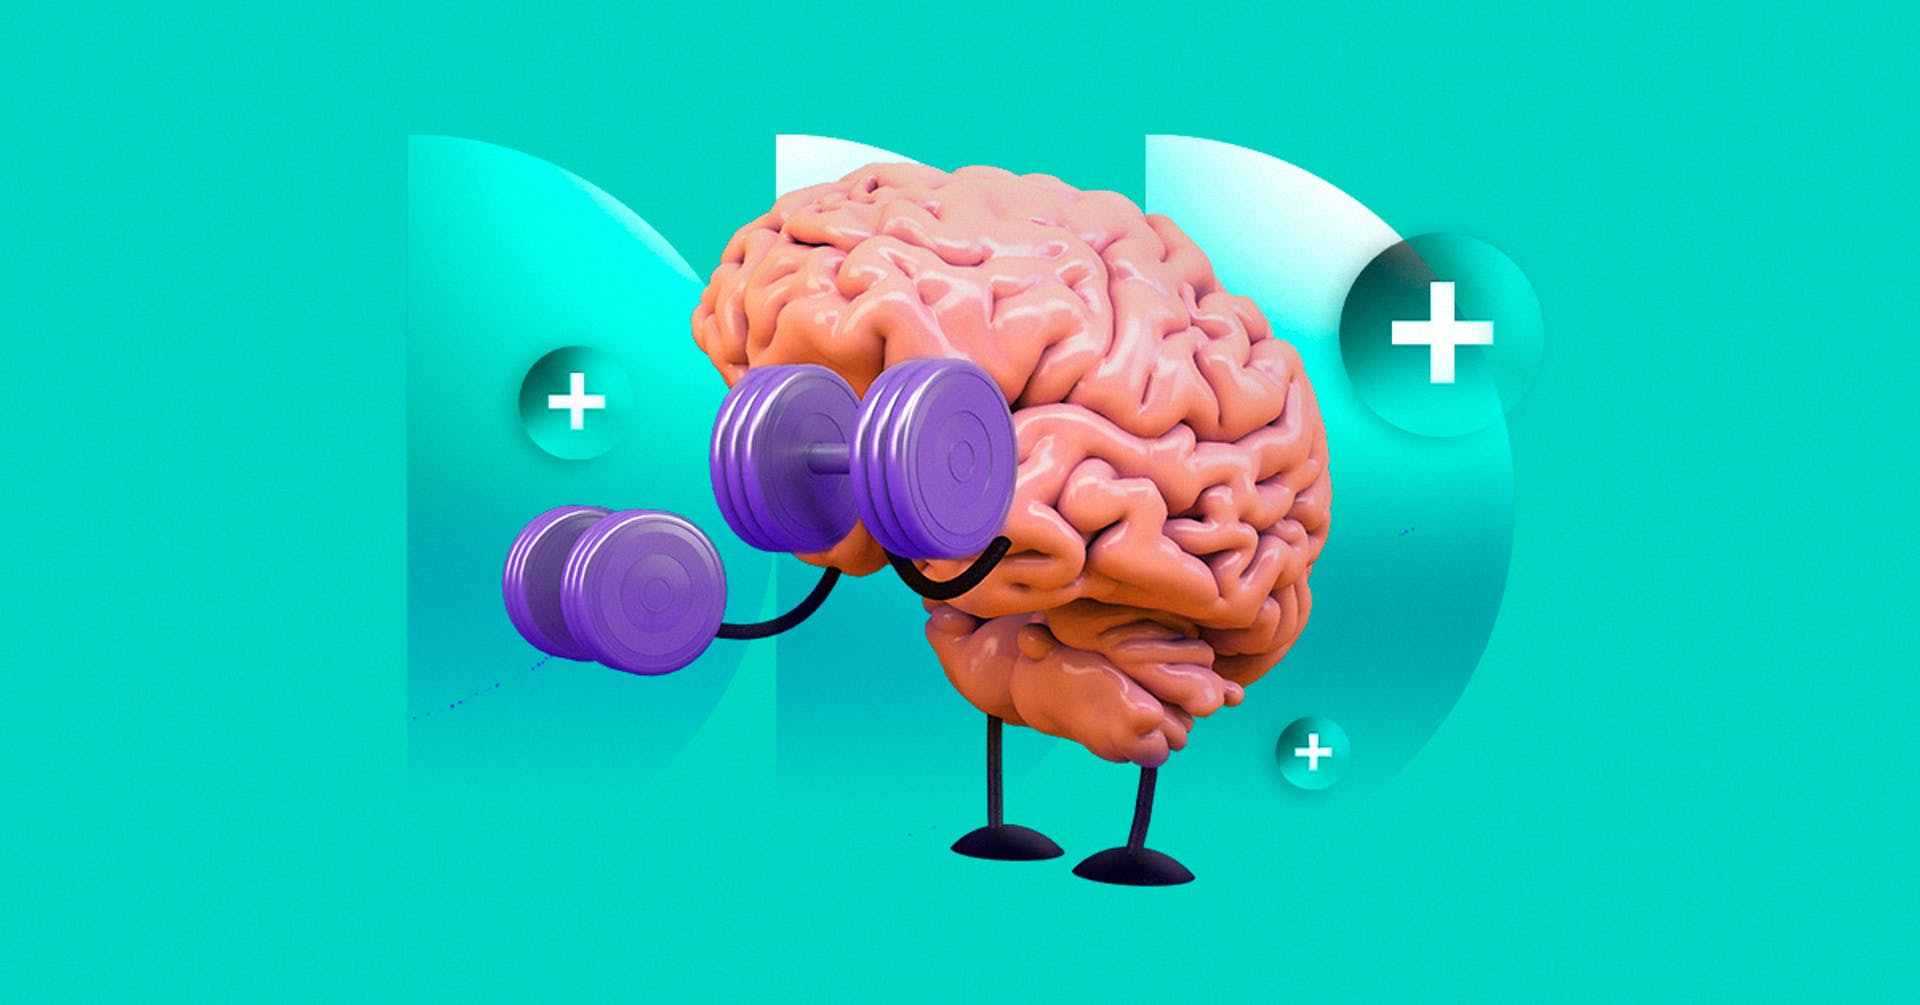 ¿Qué es la gimnasia cerebral? Conoce la técnica que te dará una mayor agilidad mental